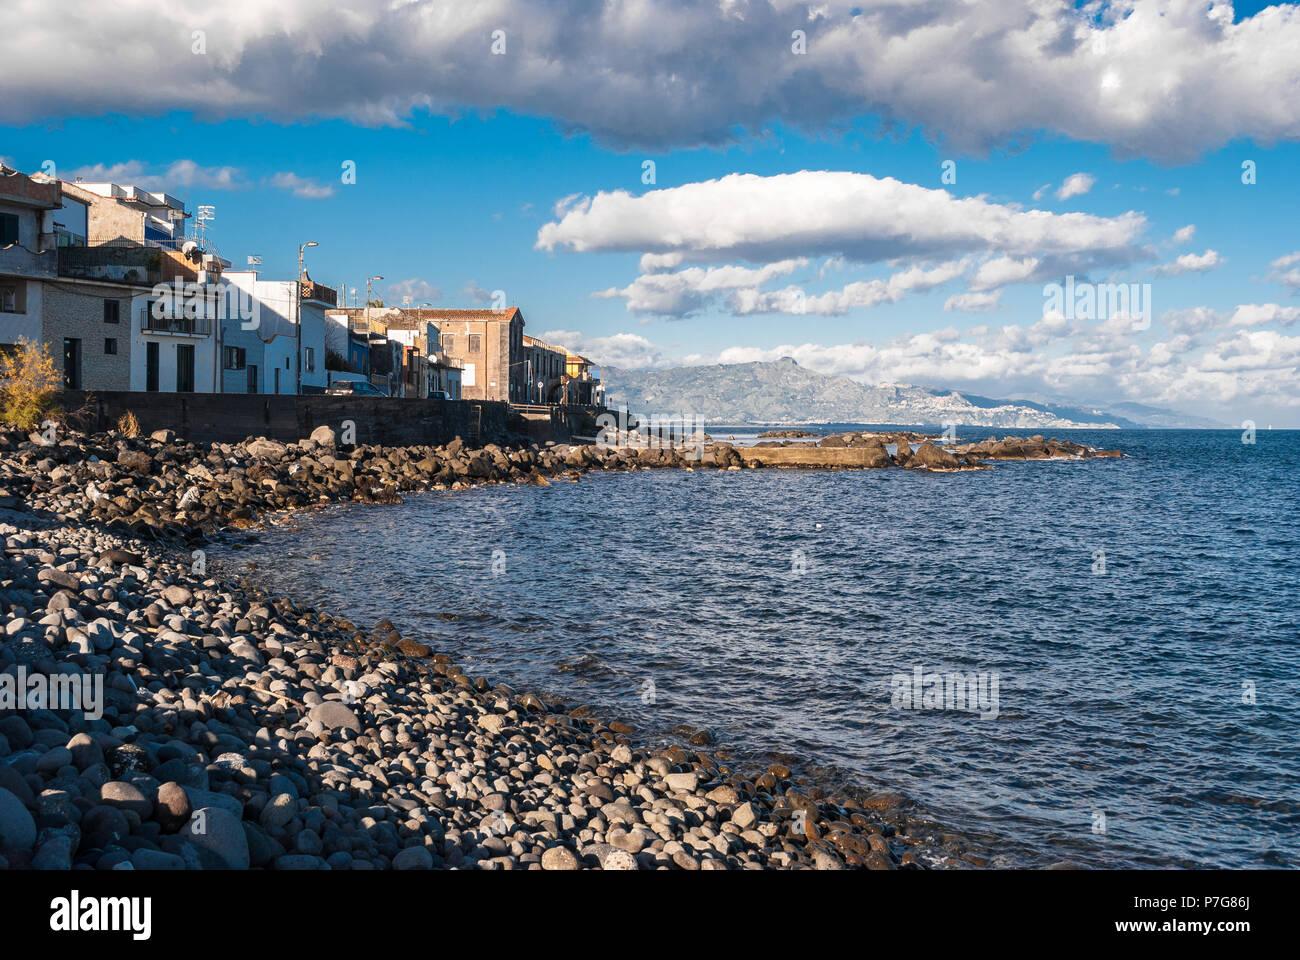 Das kleine Meer Dorf Torre Archirafi (Catania, Sizilien) mit seinen typischen felsigen Strand Stockbild